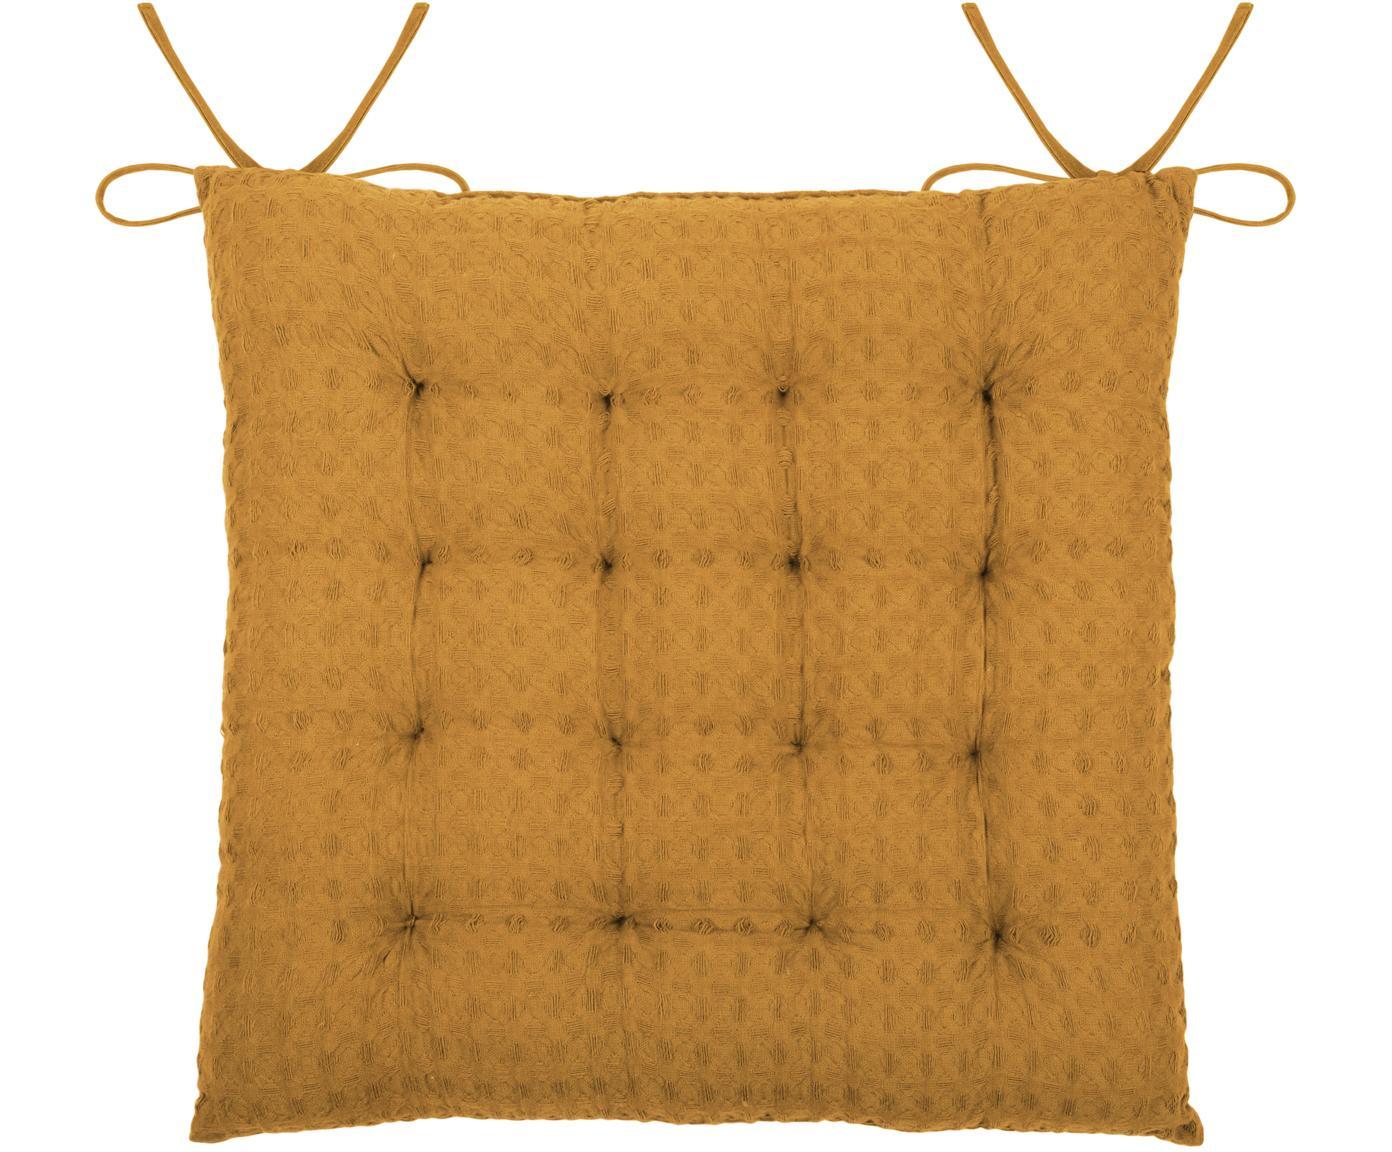 Waffelpiqué-Sitzkissen Gopher in Senfgelb, Bezug: 100% Baumwolle, Senfgelb, 40 x 40 cm